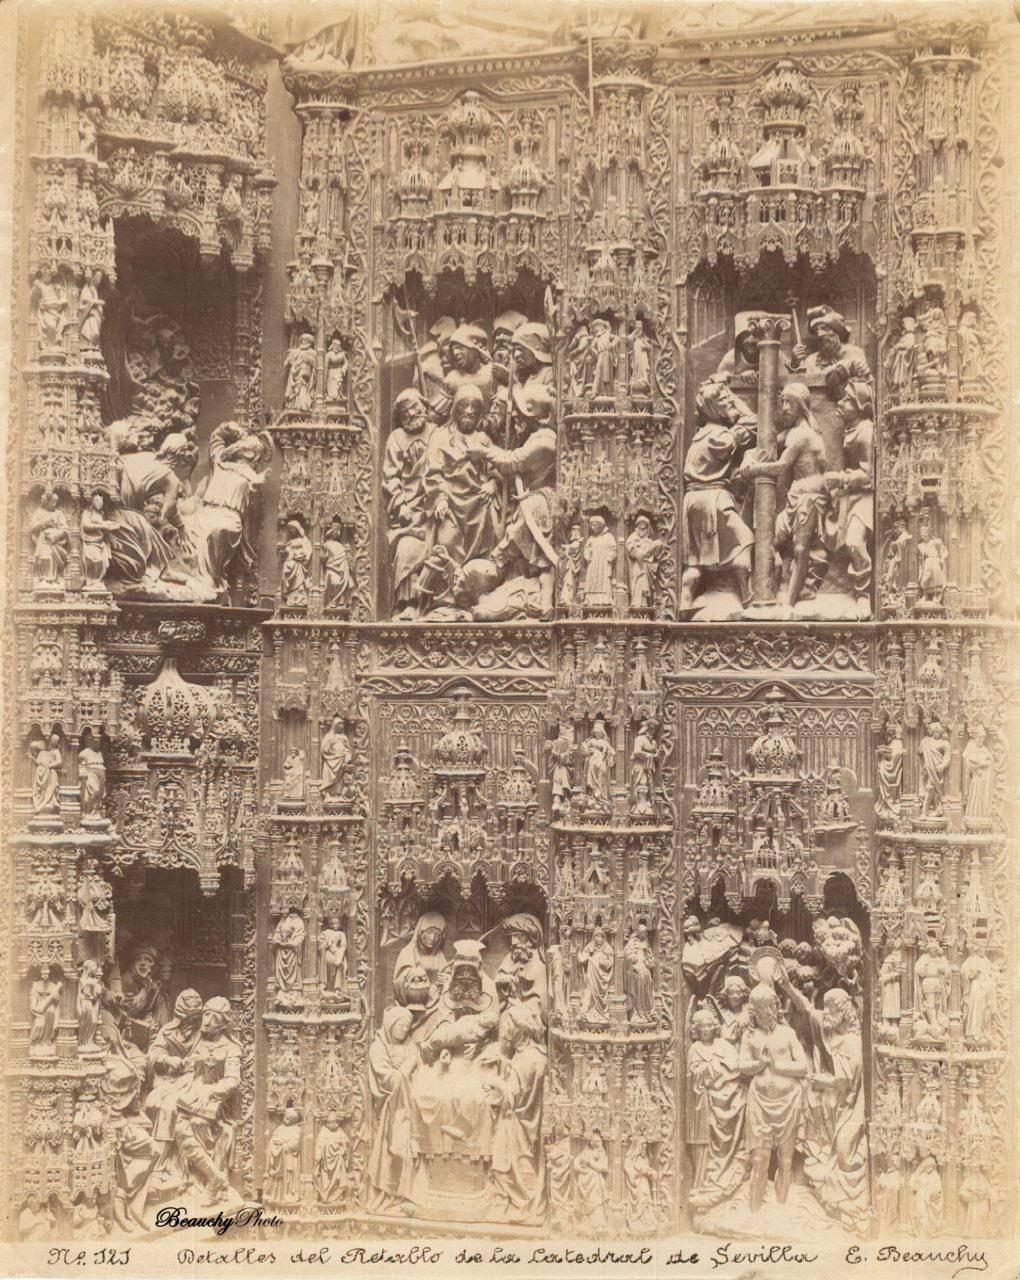 Detalles del Retablo de la Catedral de Sevilla